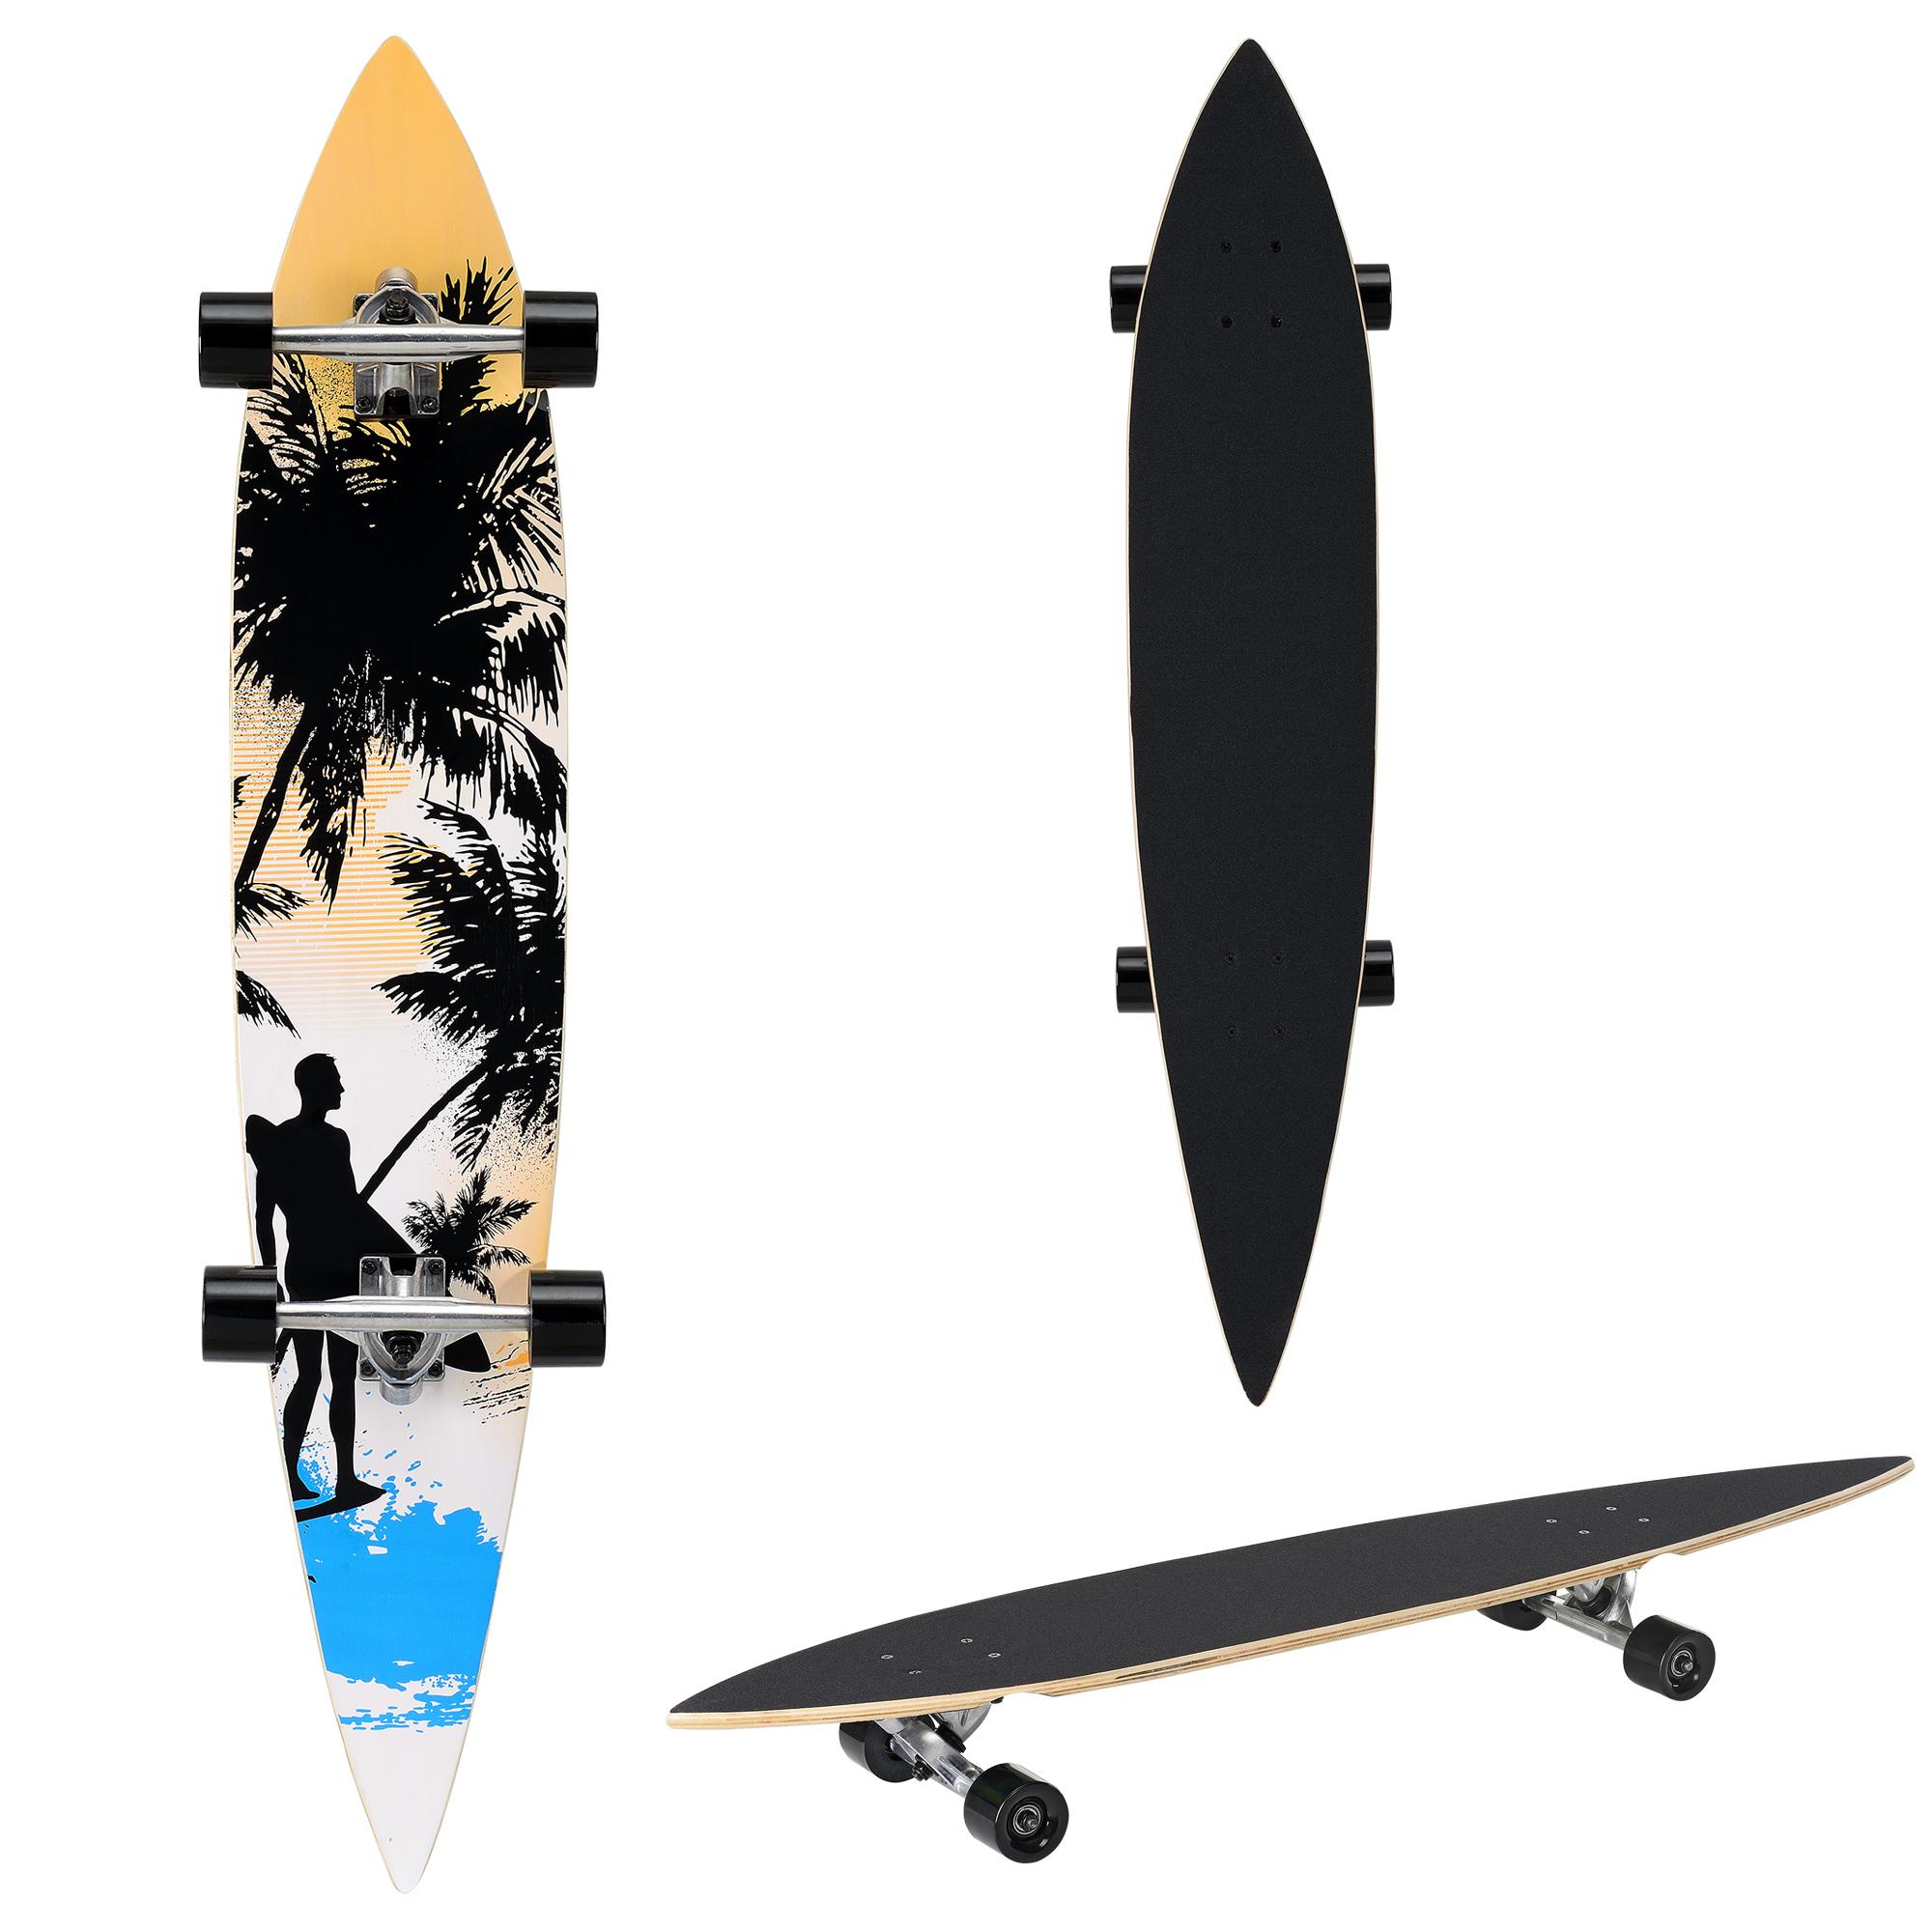 [pro.tec]® Pintail longboard - ZY-4608-1 - skateboard / surfer board